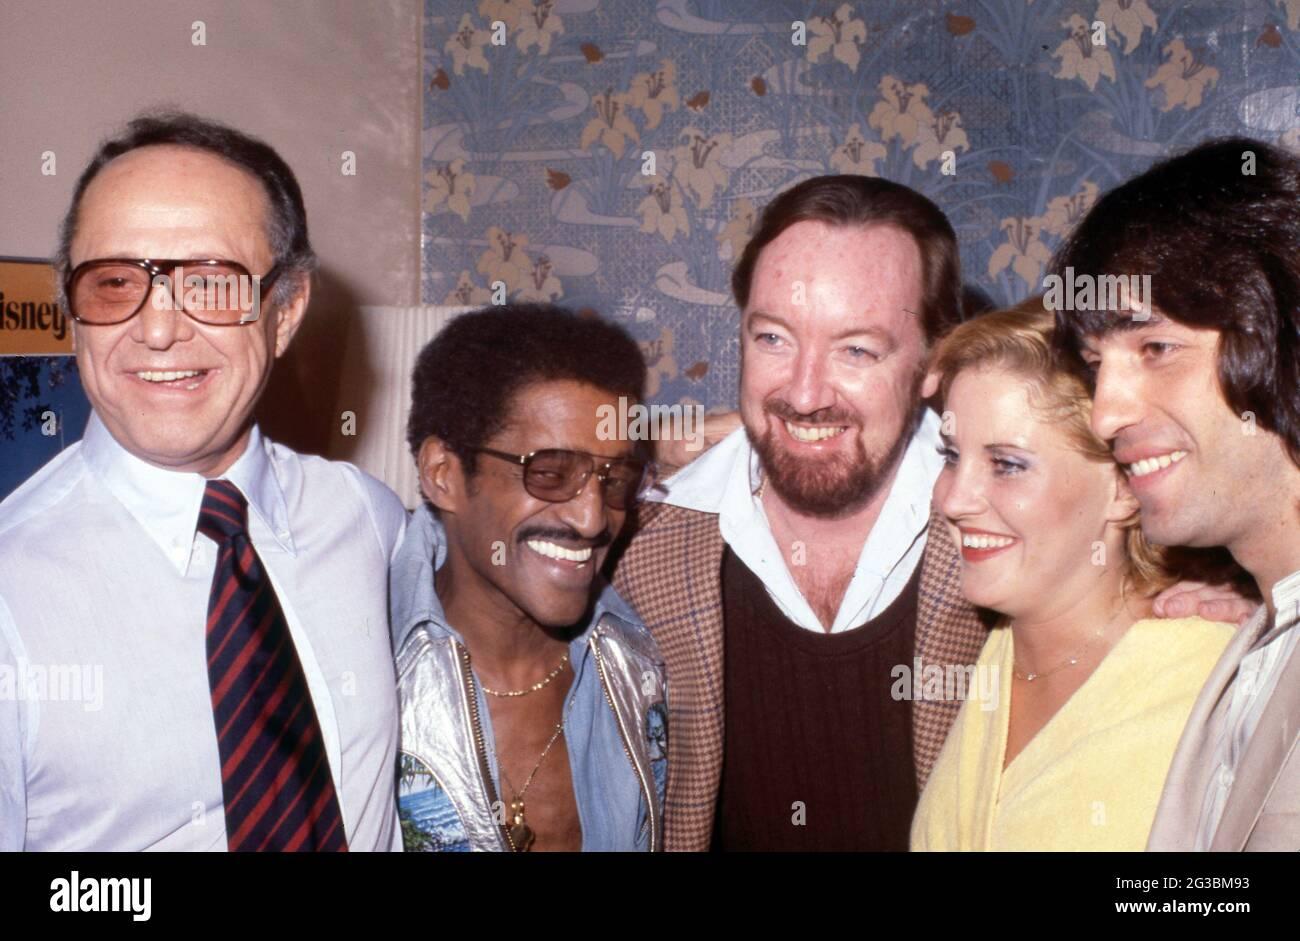 SID Luft, Sammy Davis Jr., Jack Haley Jr., Lorna Luft et Jake Hooker Circa années 80 crédit: Ralph Dominguez/MediaPunch Banque D'Images